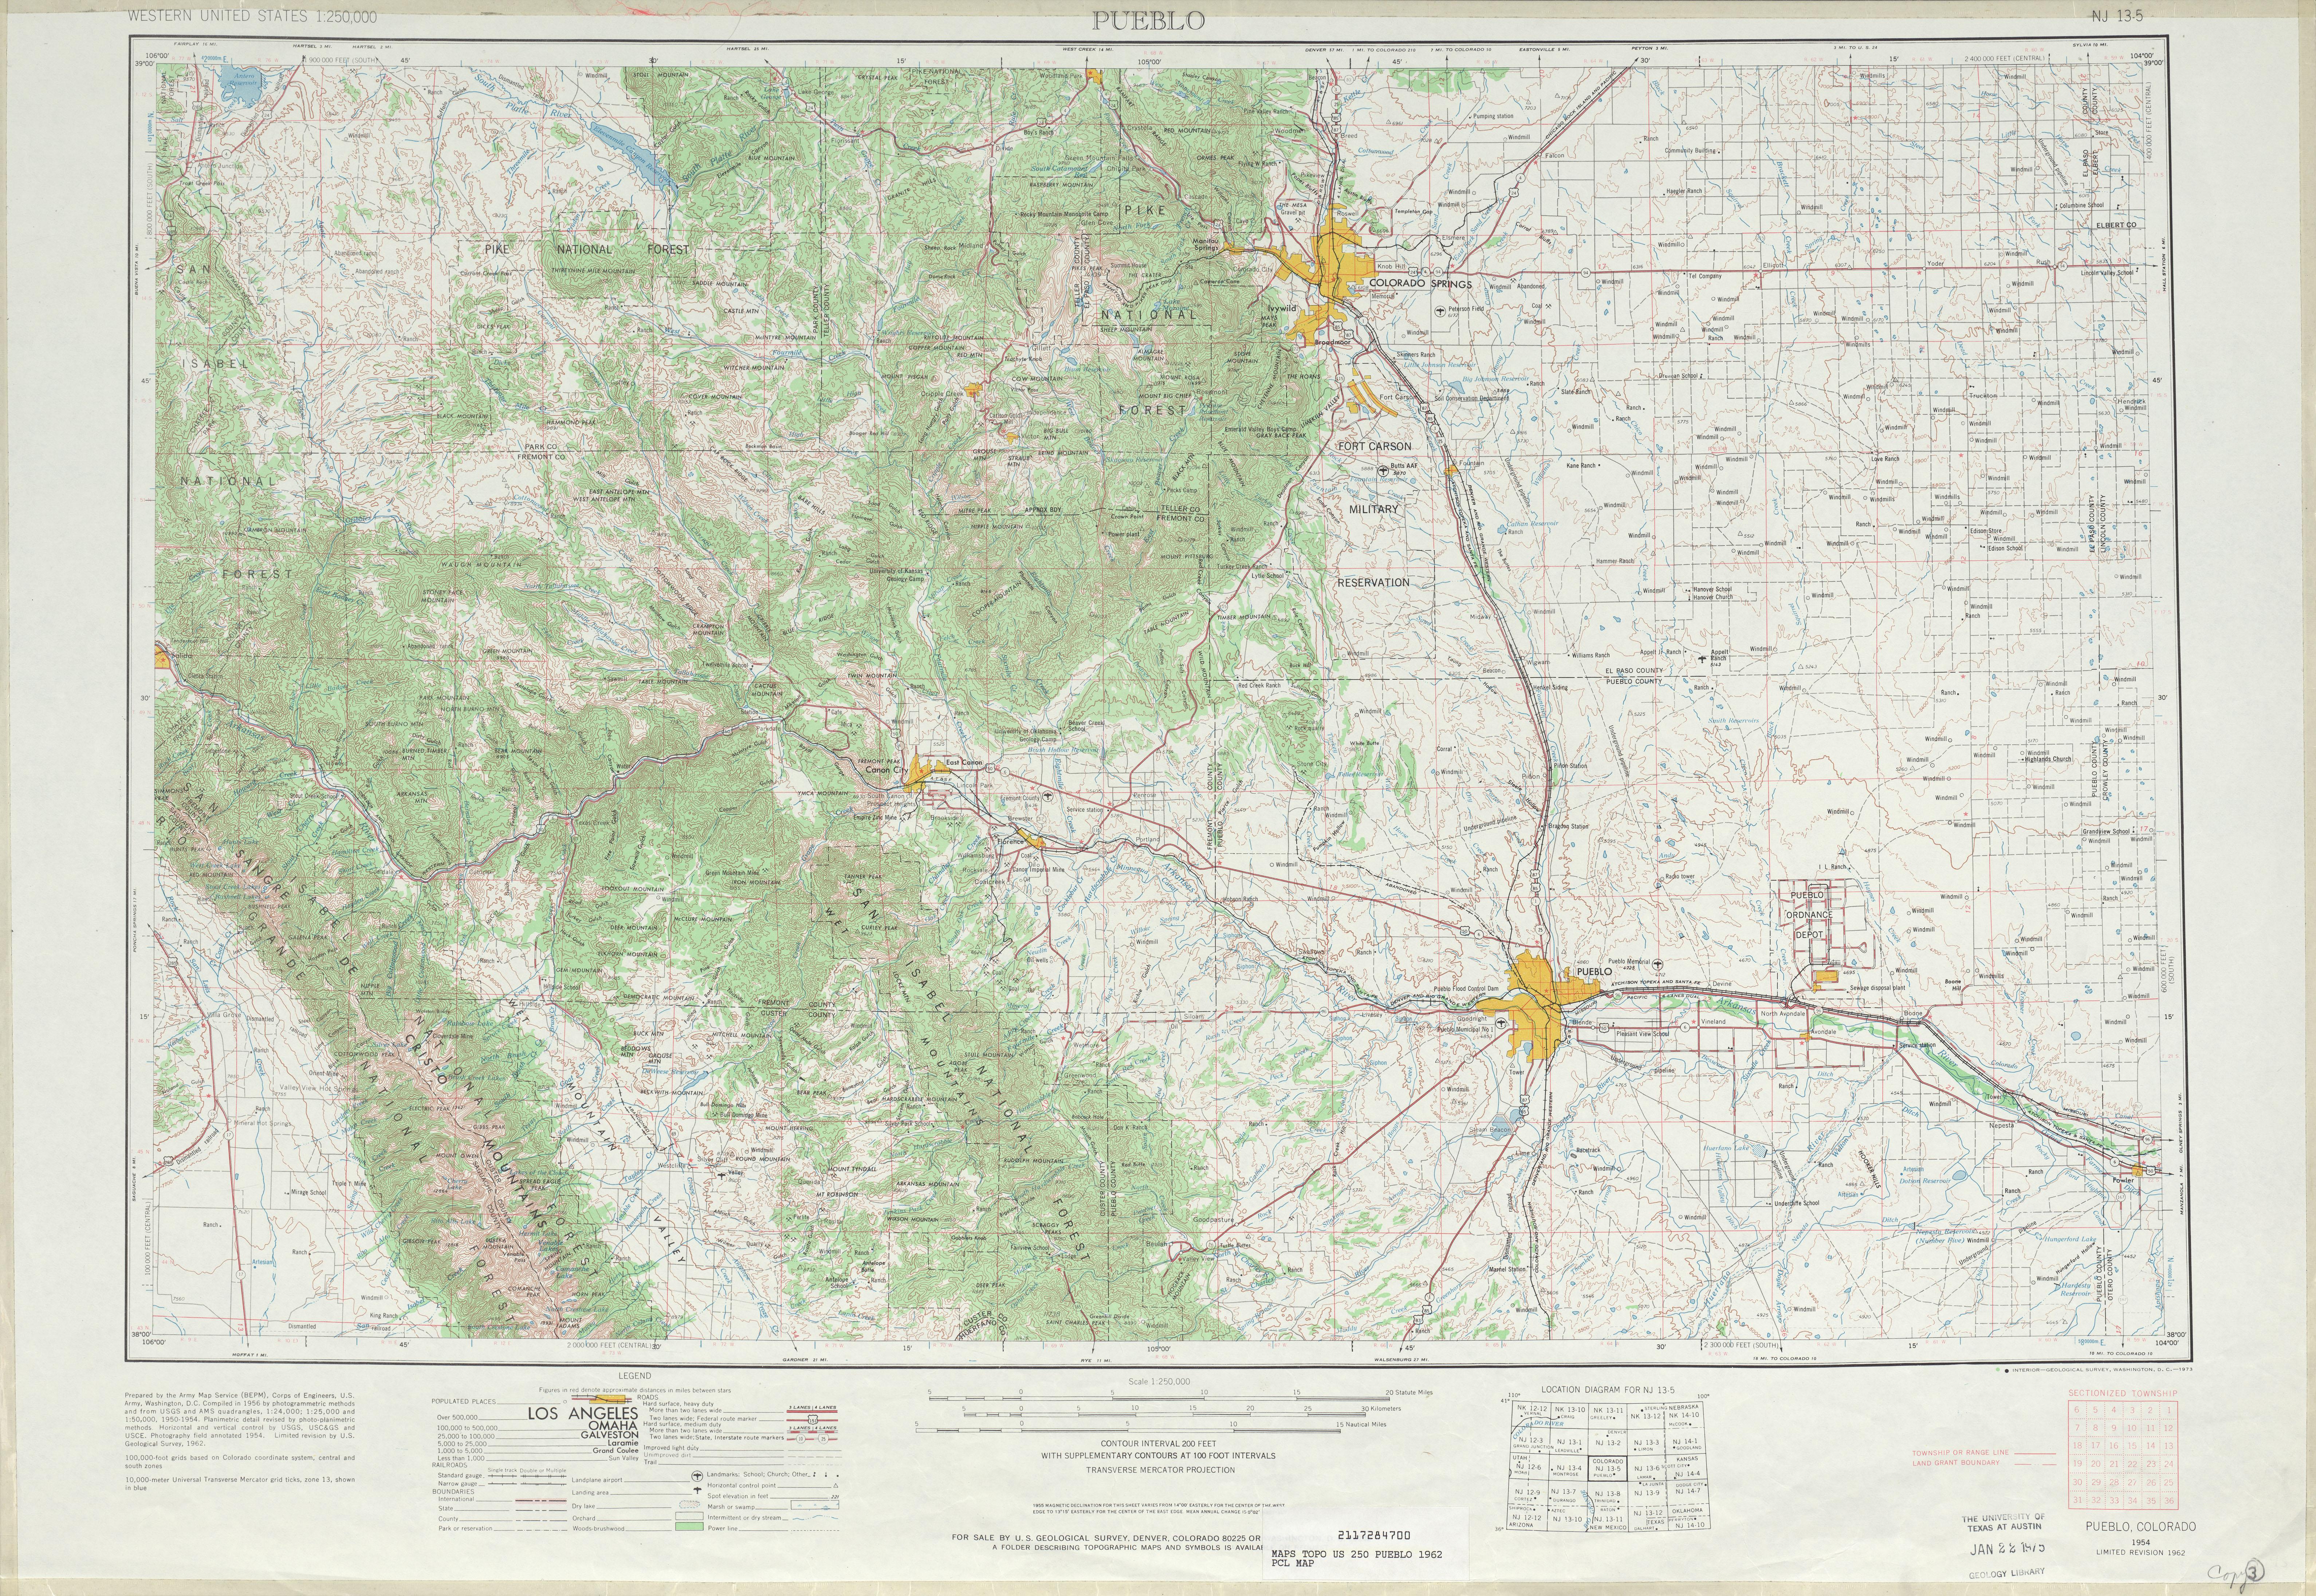 Hoja Pueblo del Mapa Topográfico de los Estados Unidos 1962